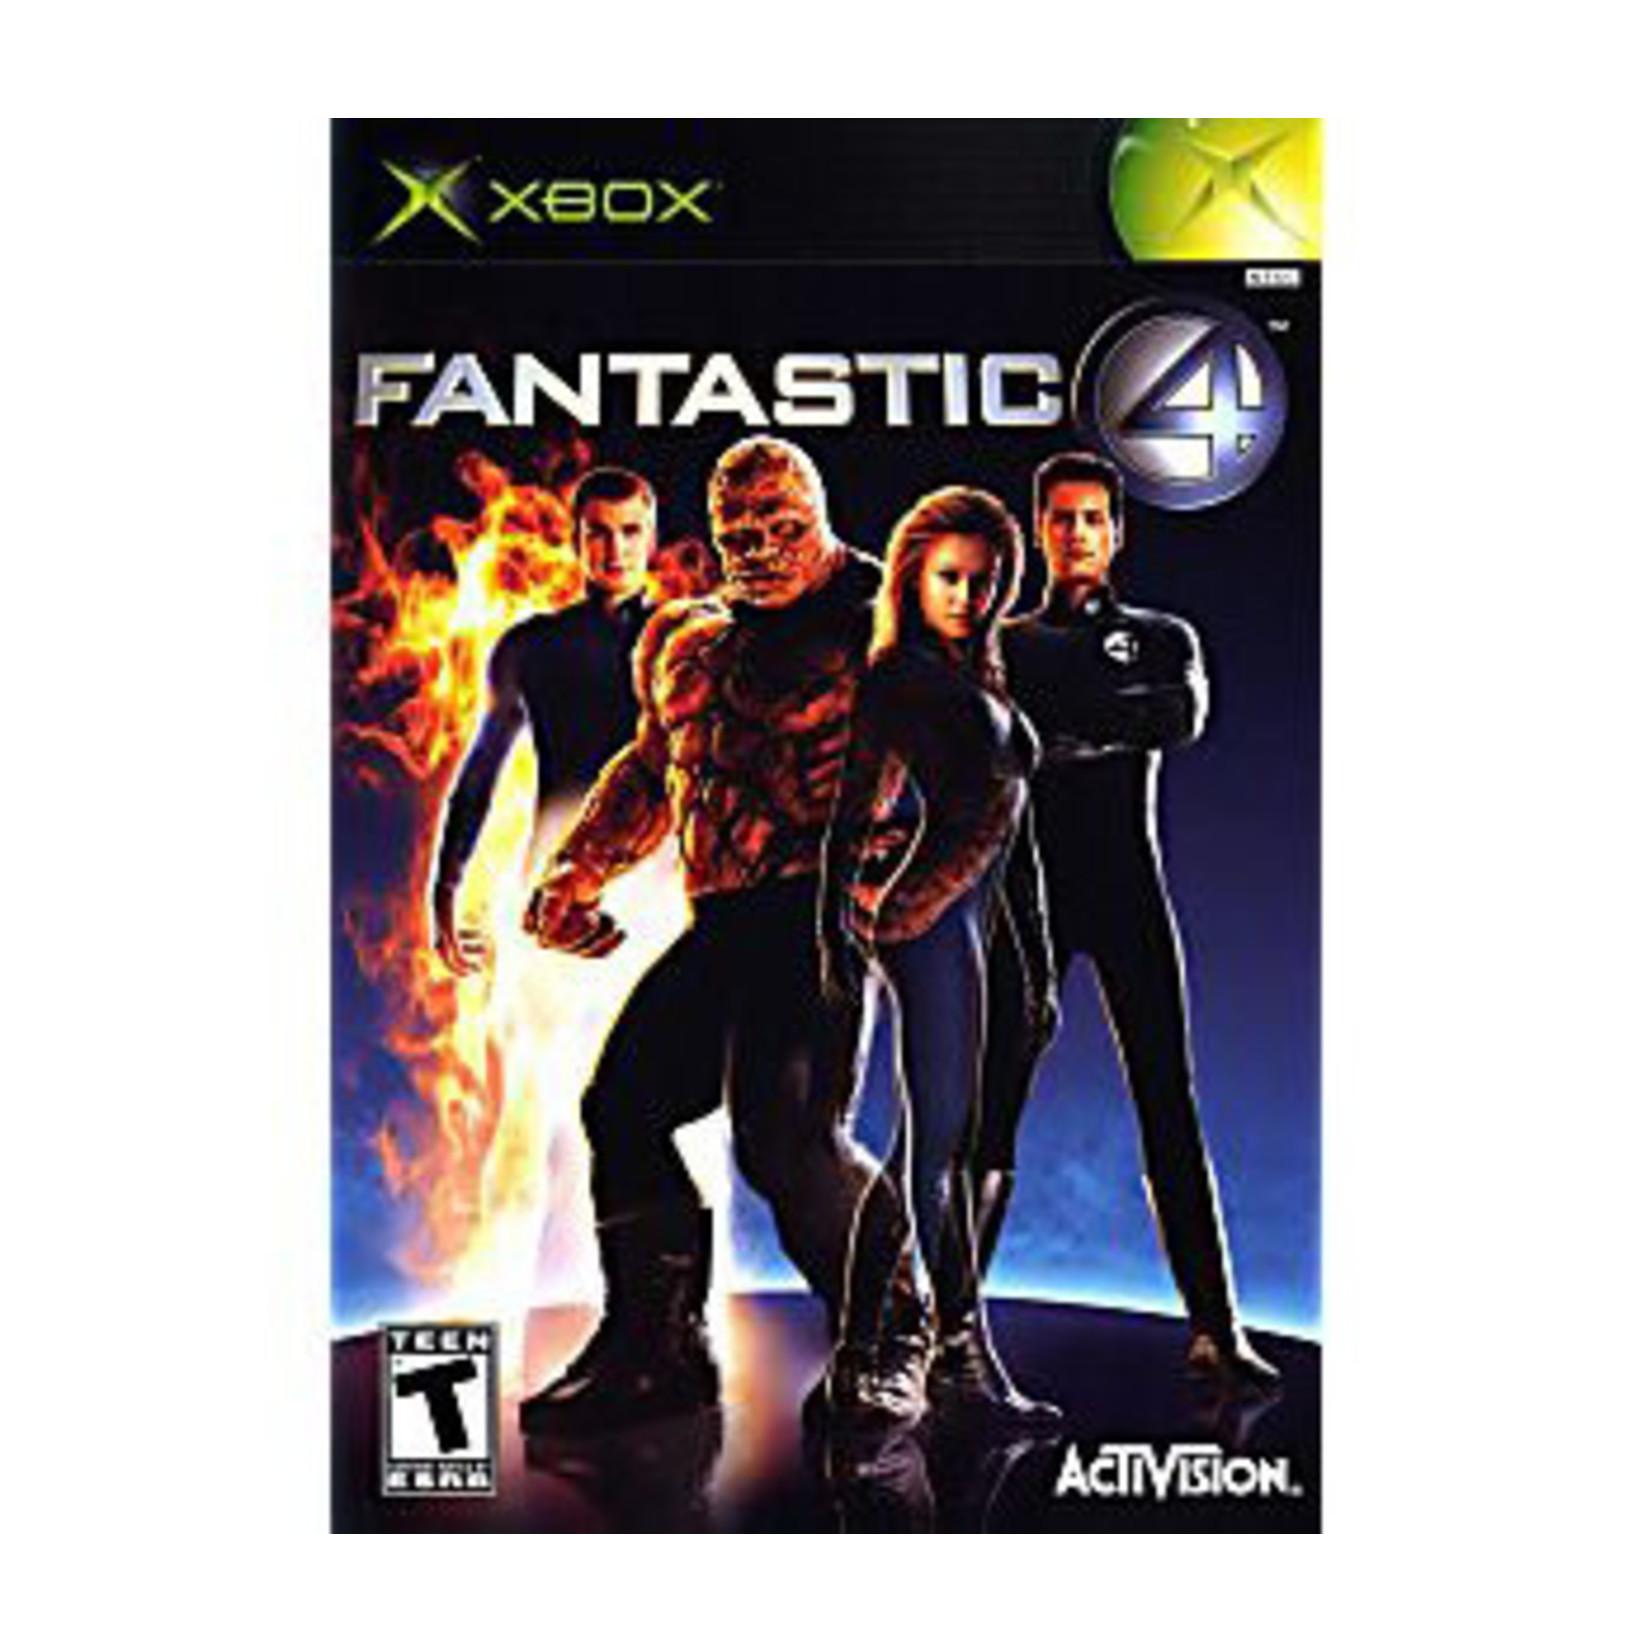 XBU-FANTASTIC 4